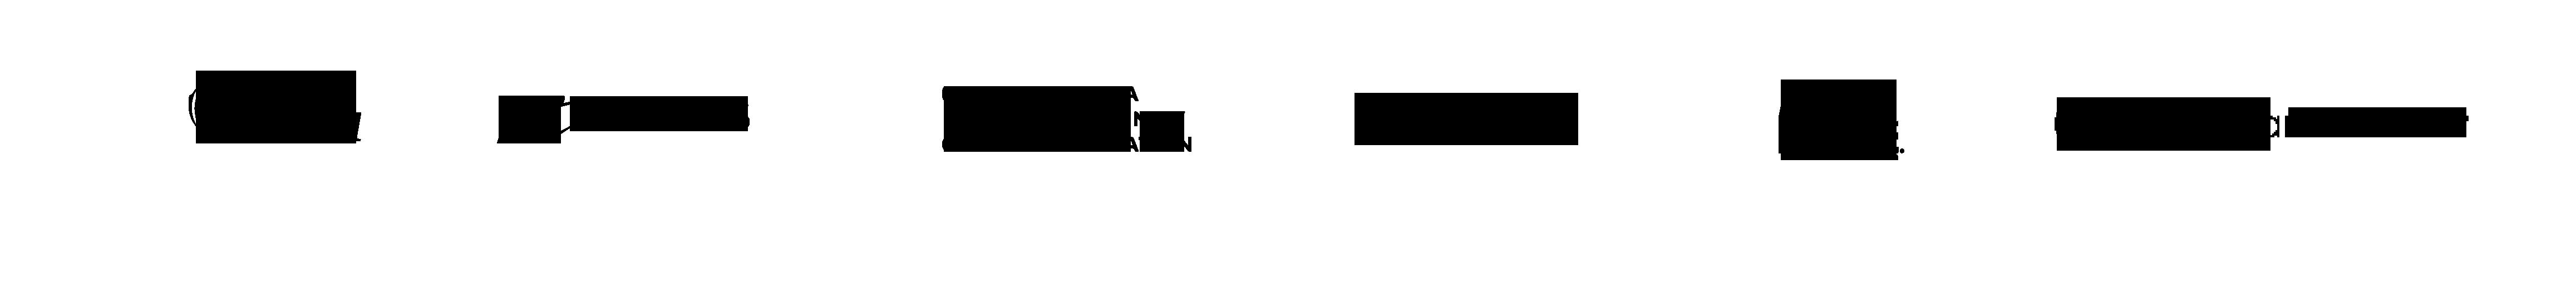 J'ADAART 2020 Logos